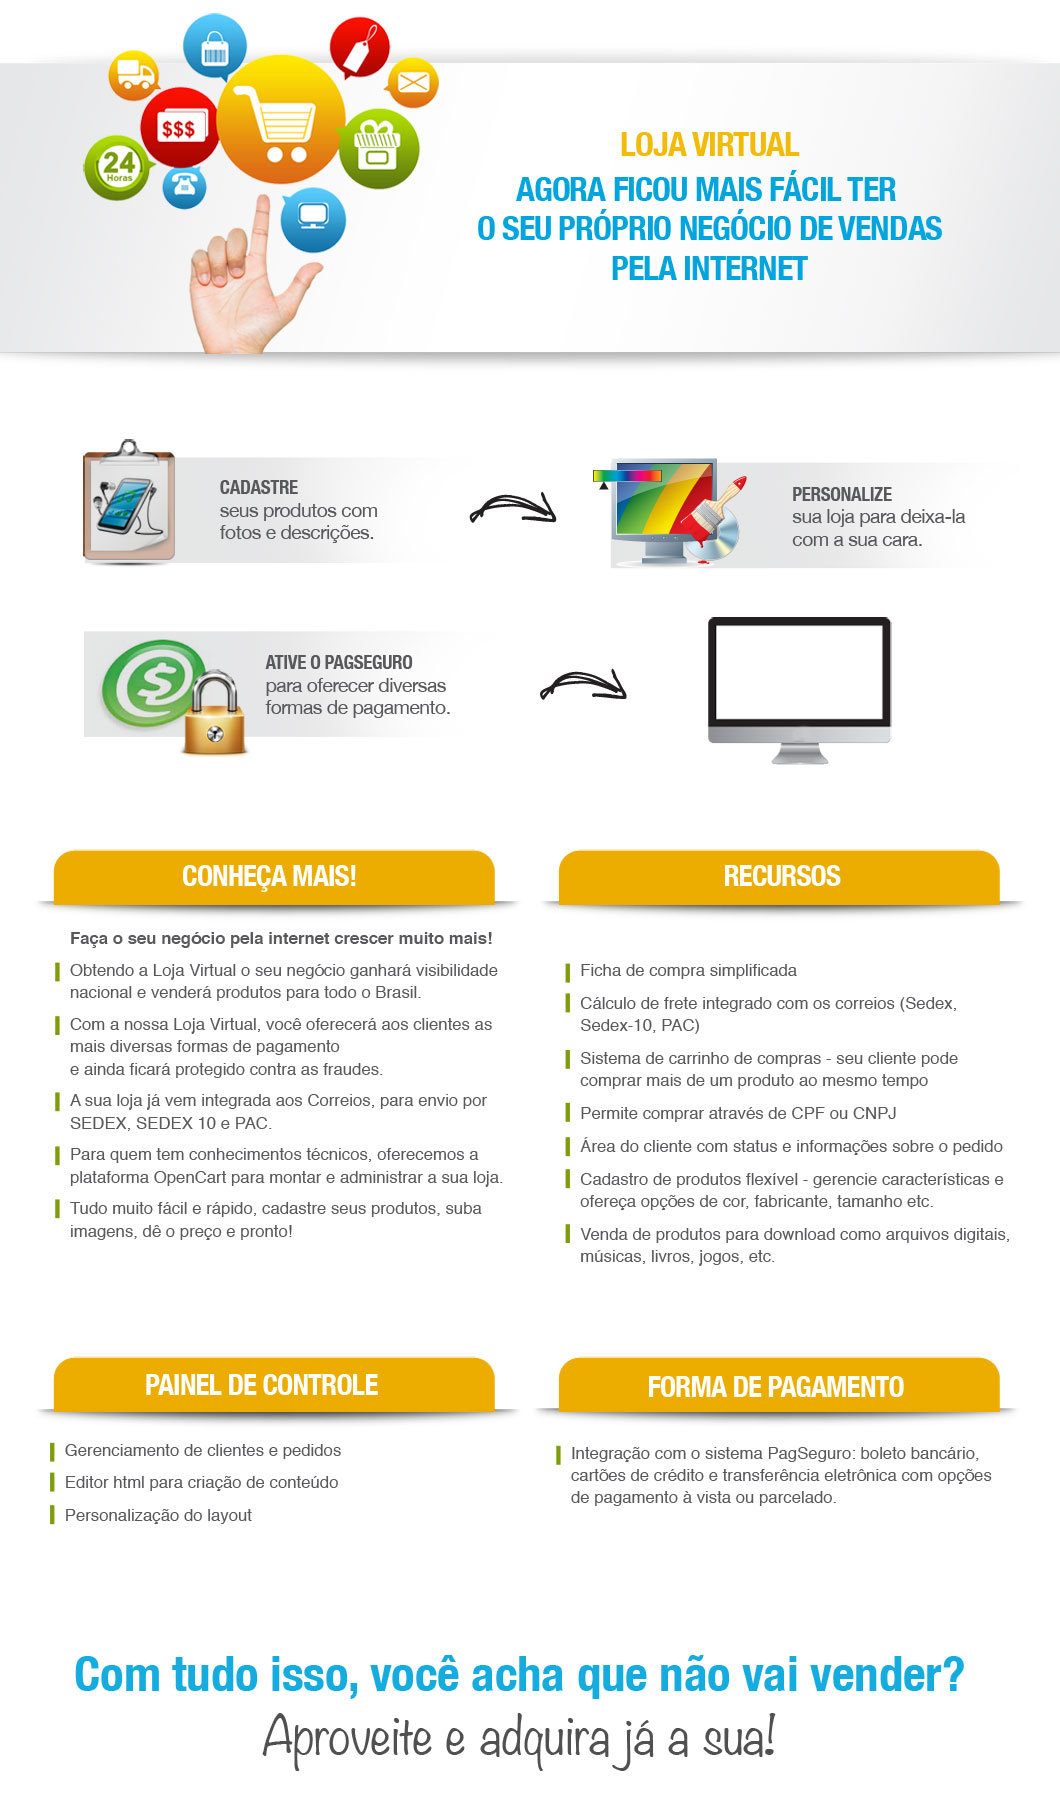 Loja Virtual - agora ficou mais fácil ter seu próprio negócio de vendas pela internet - cadastre, personalize e ative o pagseguro